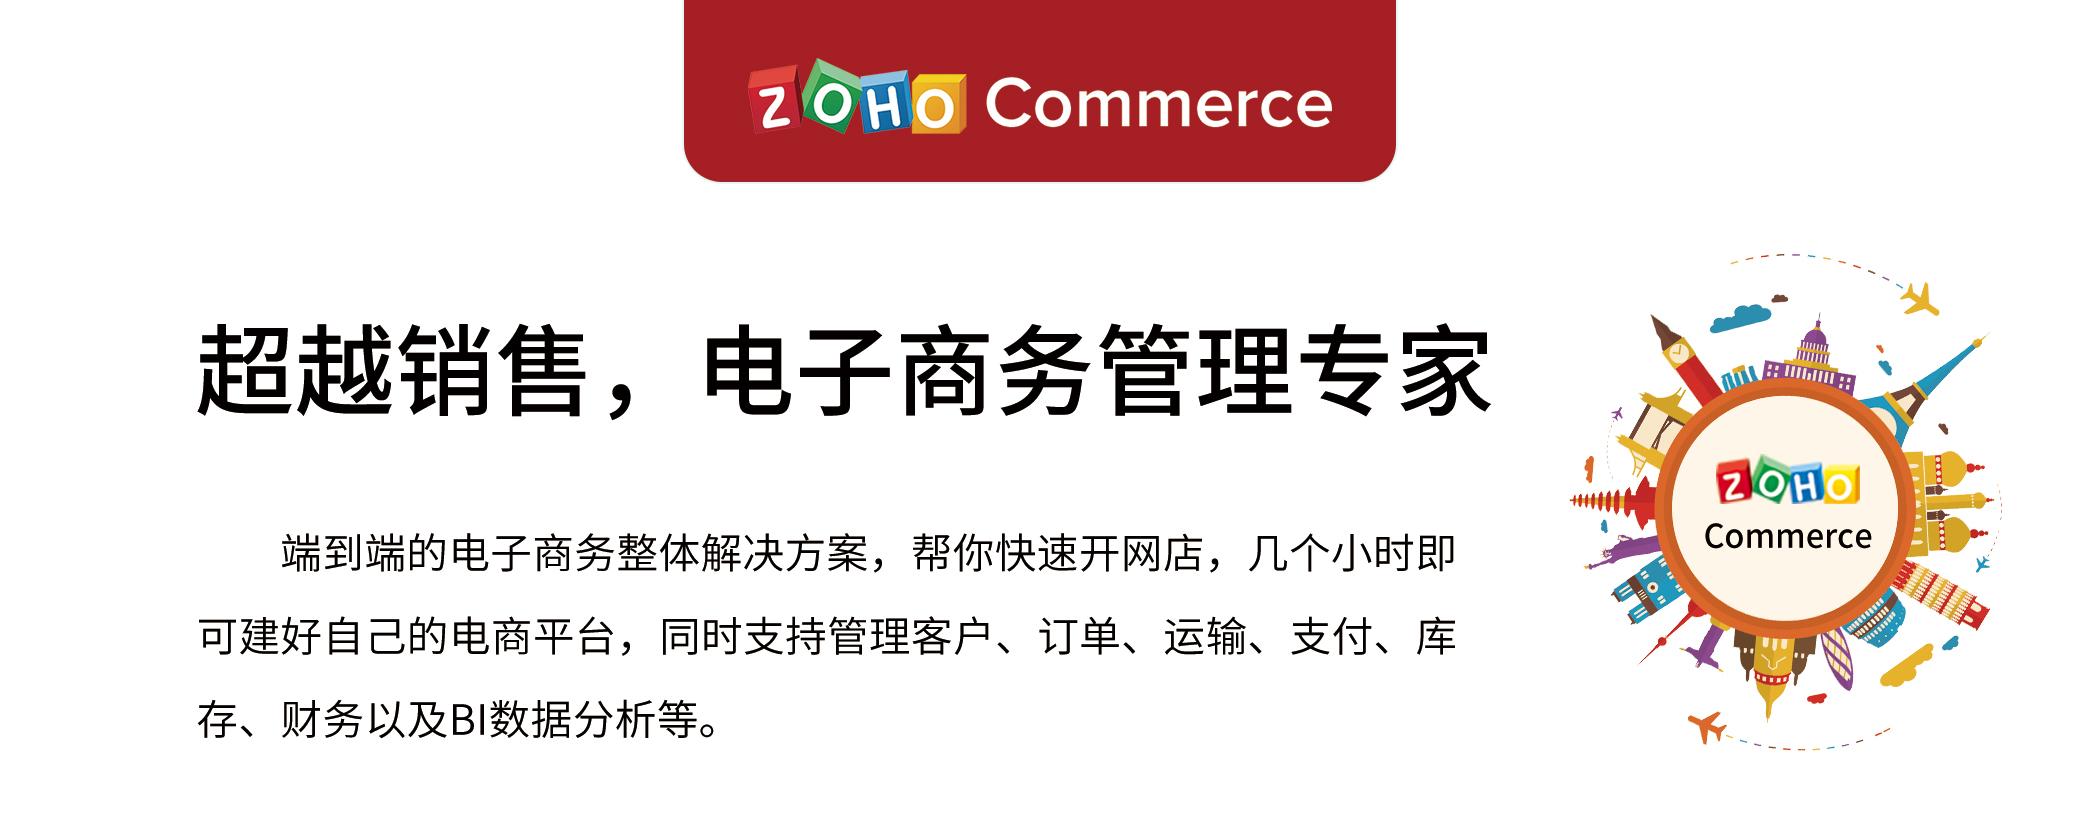 电商解决方案专家:Zoho Commerce,助力企业营业额增长了50%